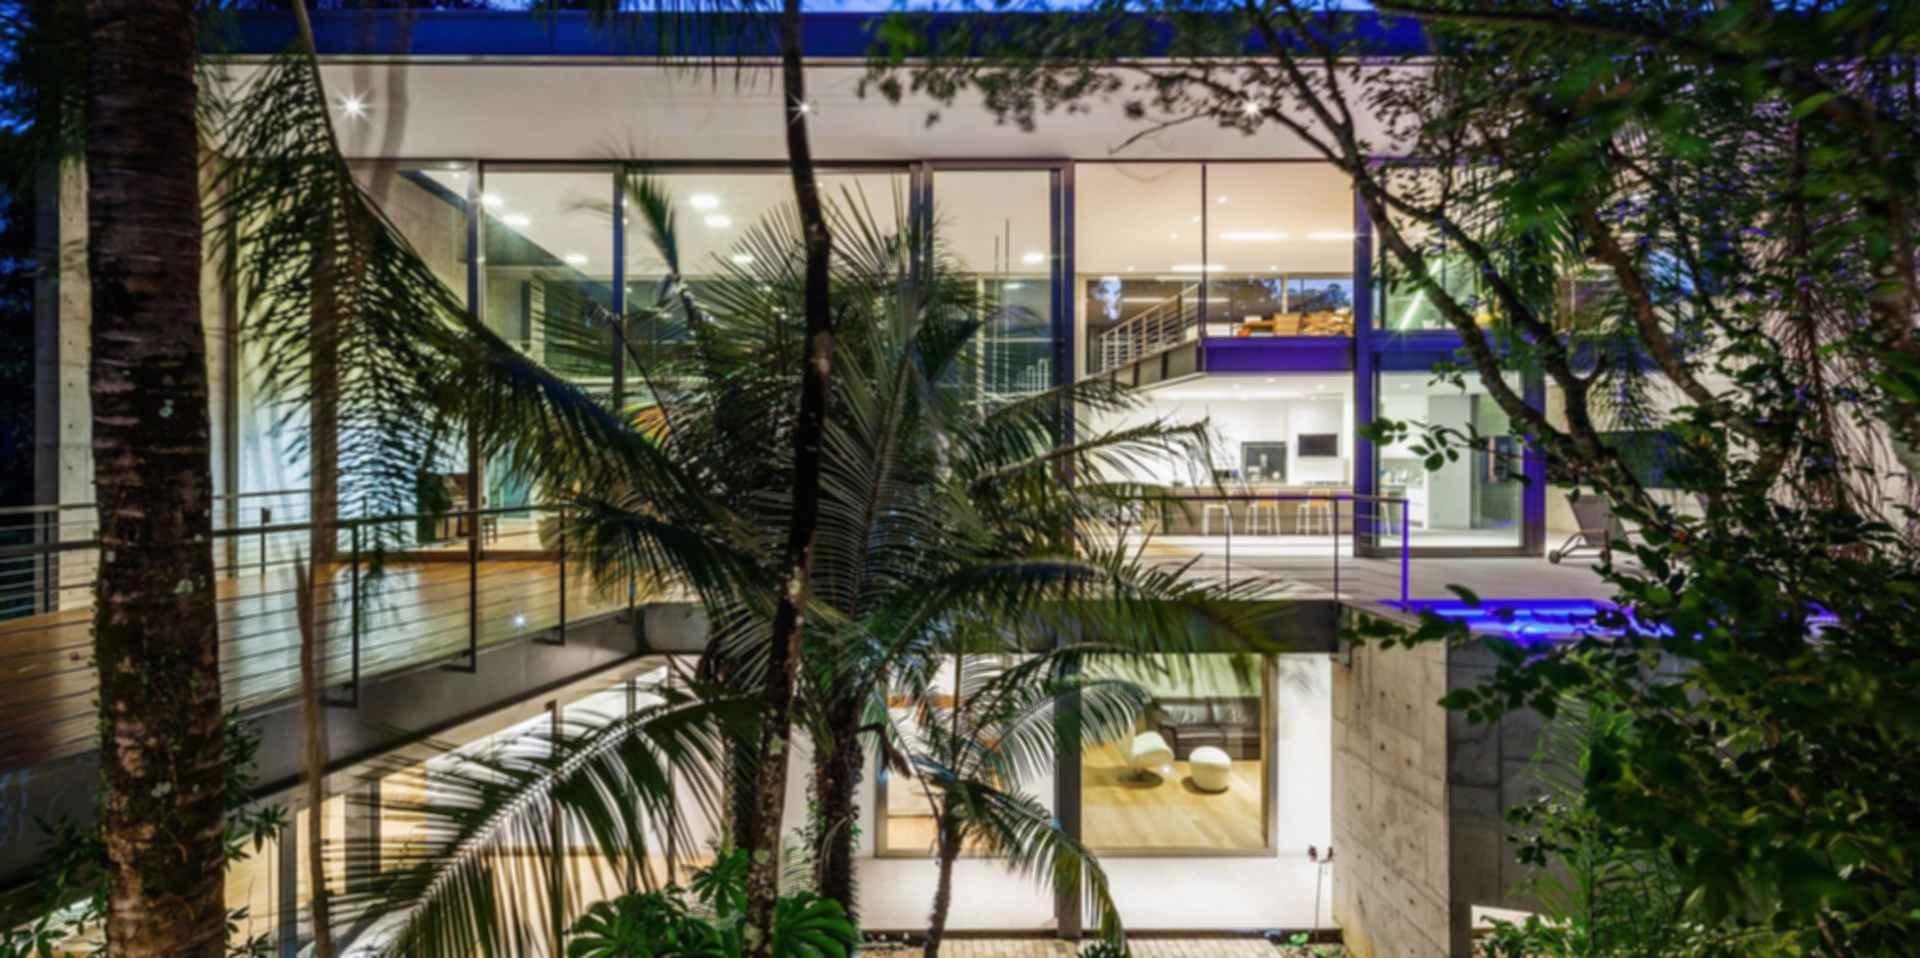 LLM House - Courtyard